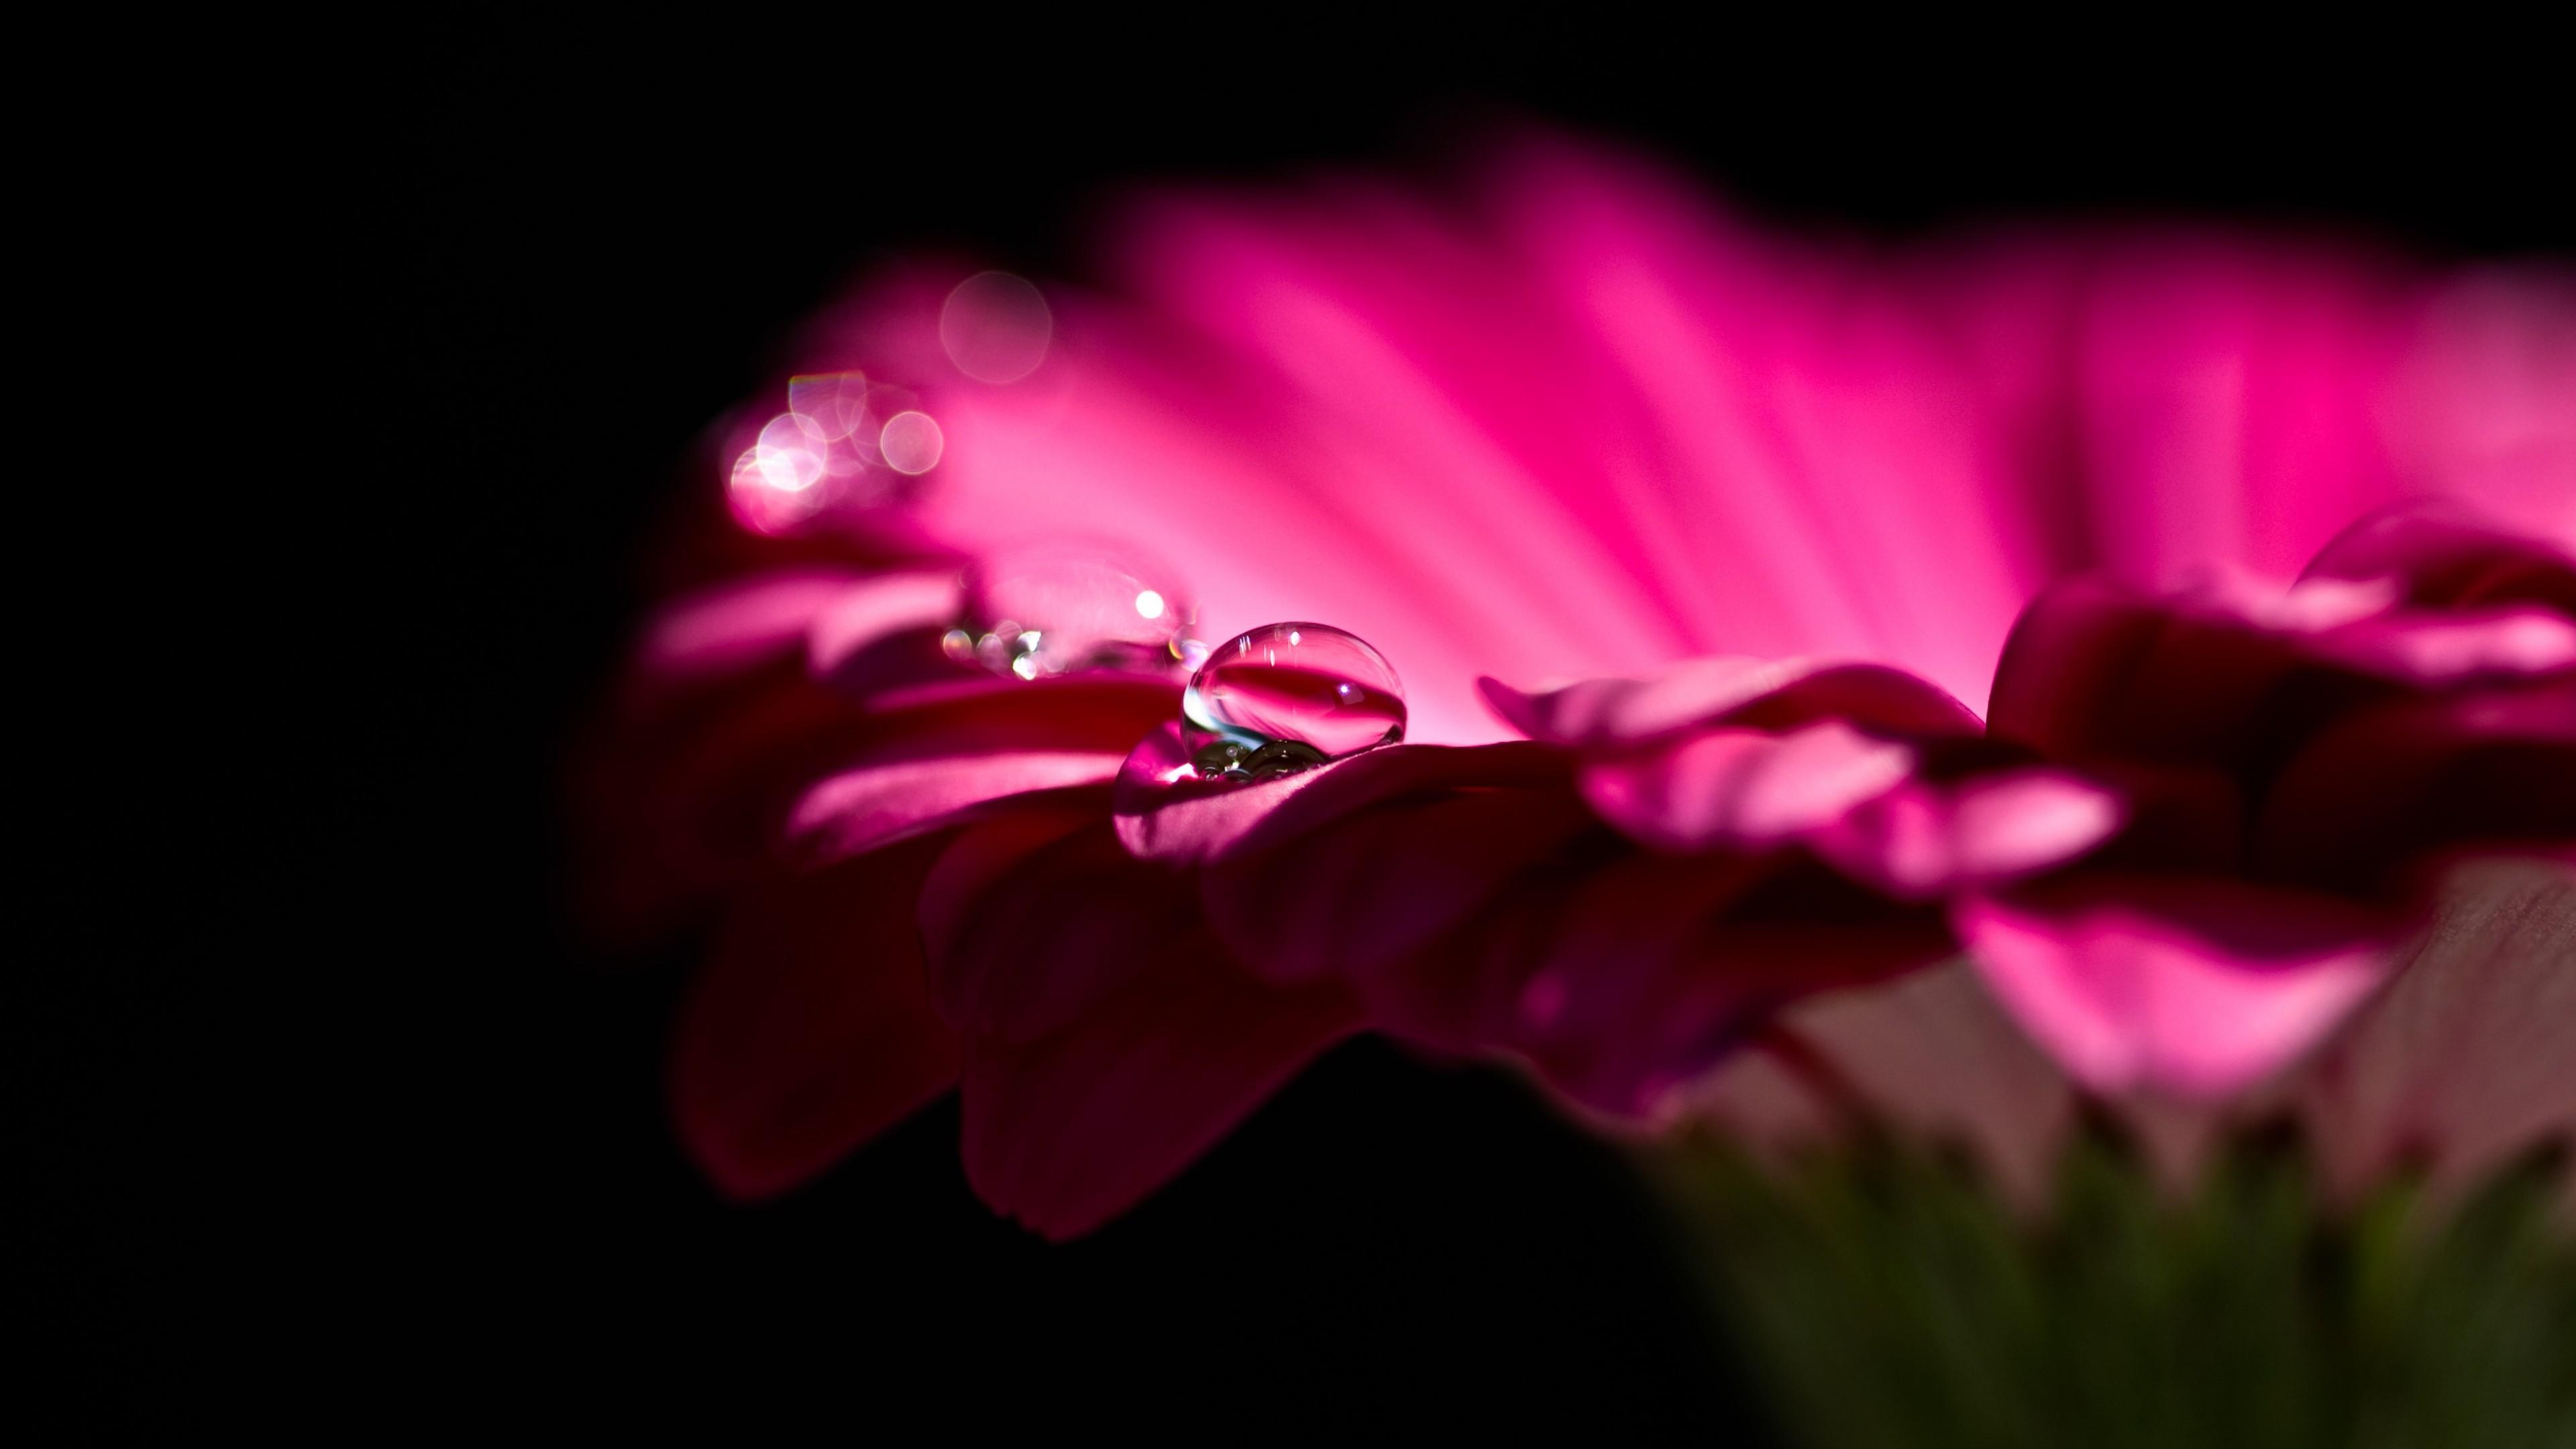 Малиновый цветок с рифлеными лепестками в сверкающих каплях ночной росы